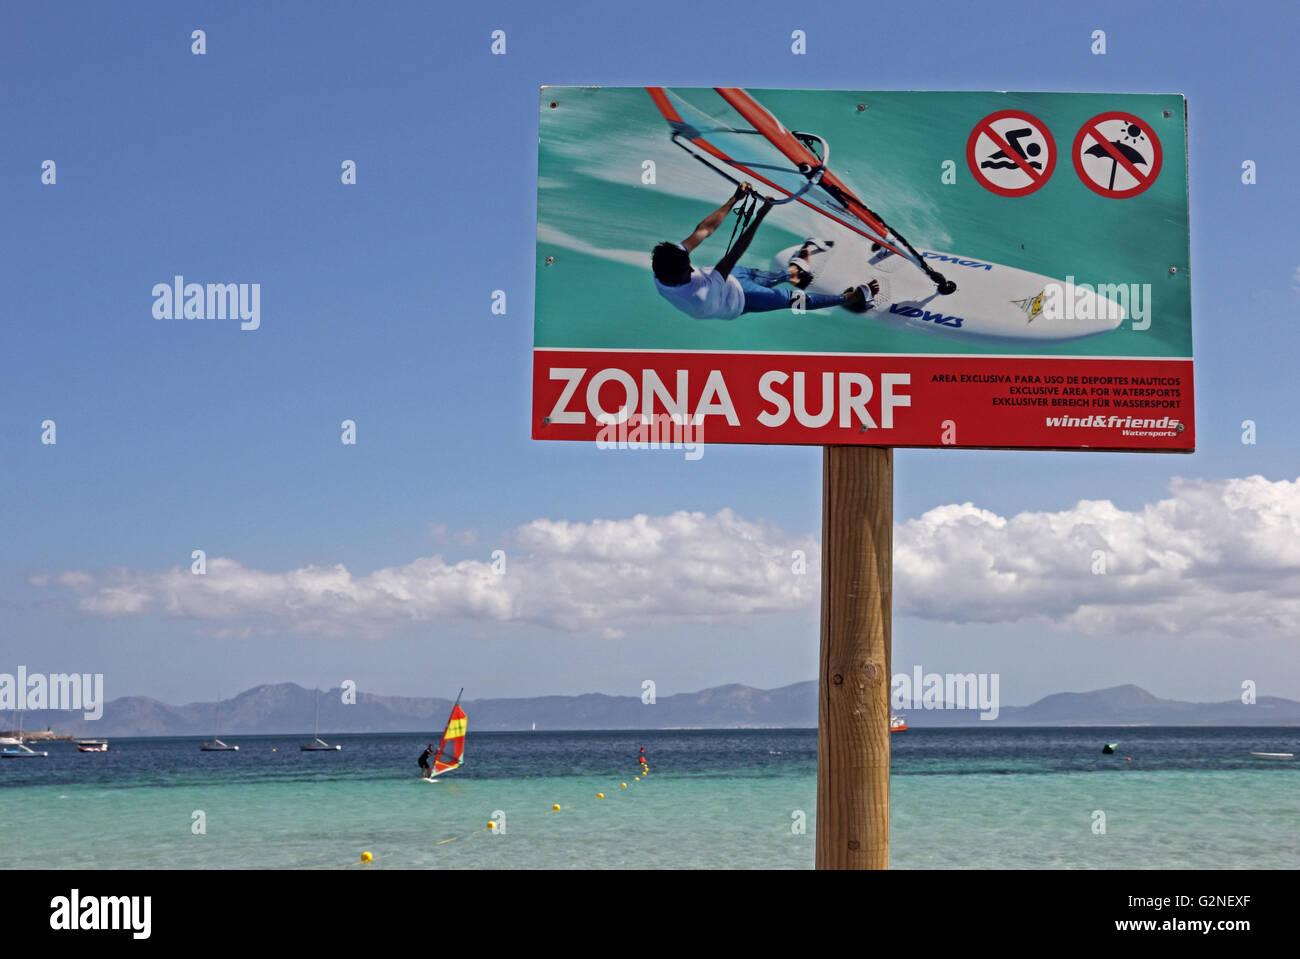 Zona Surf, signo que indica zona reservada para la práctica del windsurf, con tablas de windsurf en segundo Imagen De Stock